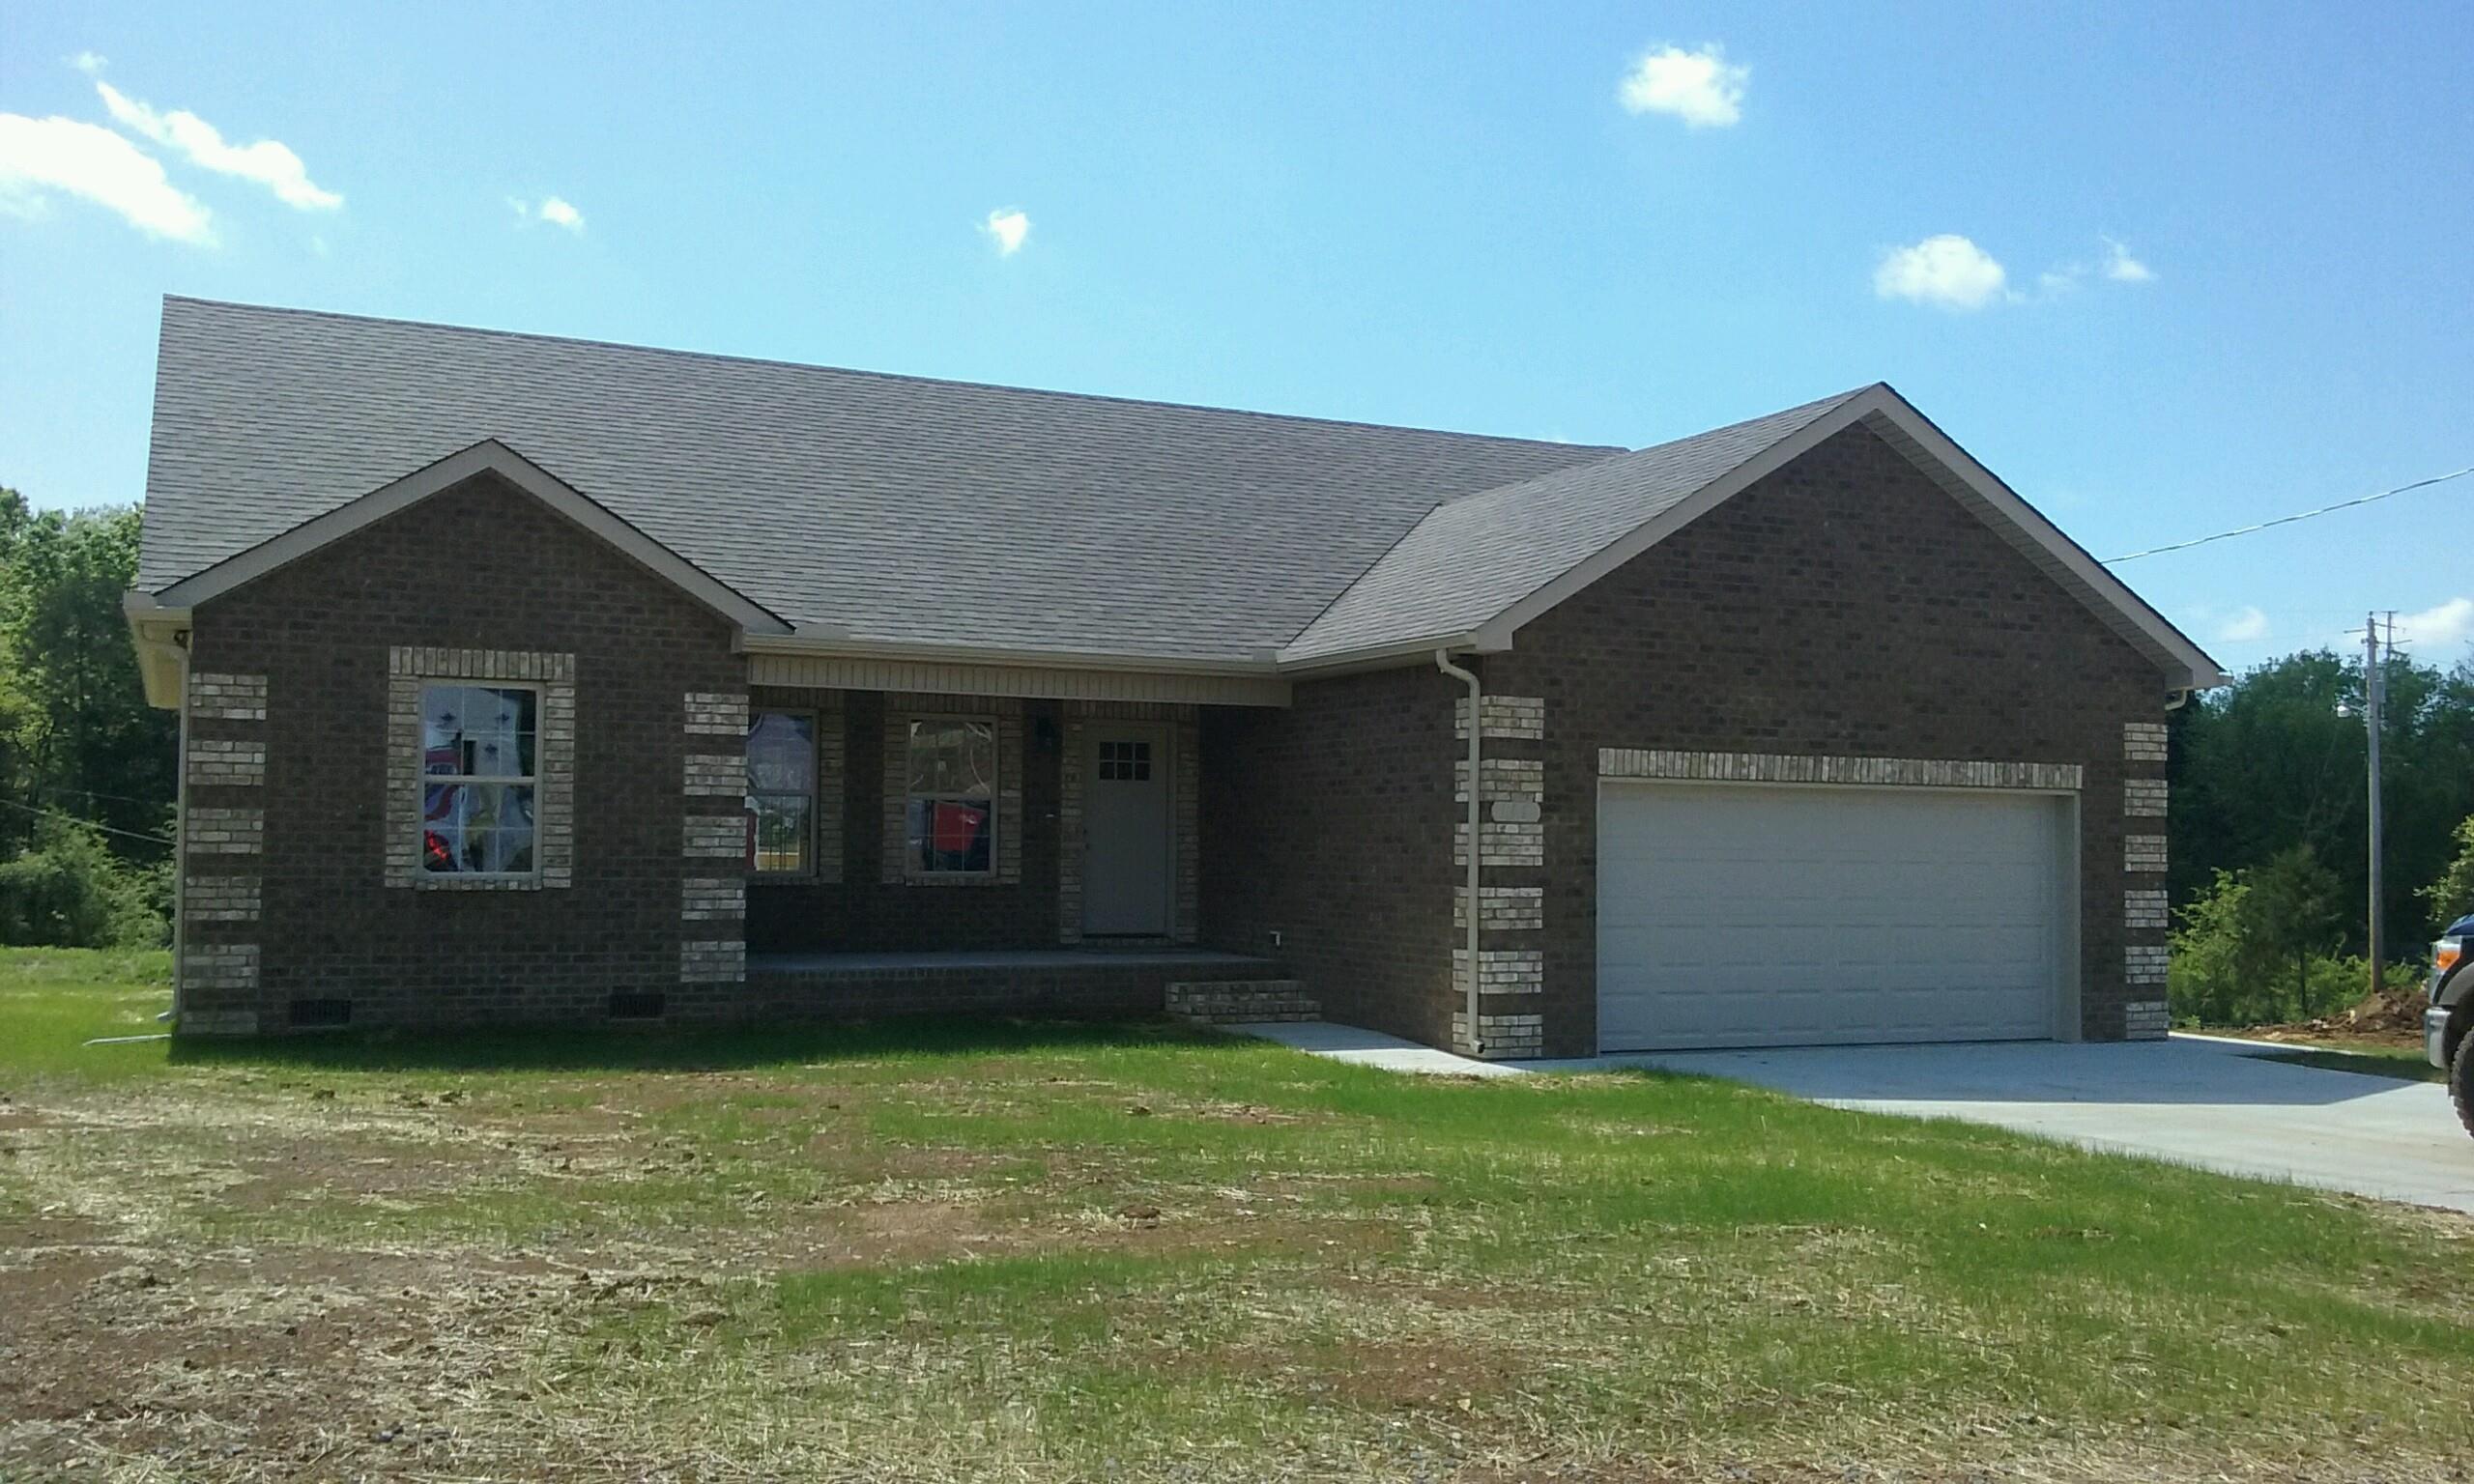 113 Smithfield Dr, Shelbyville, TN 37160 - Shelbyville, TN real estate listing